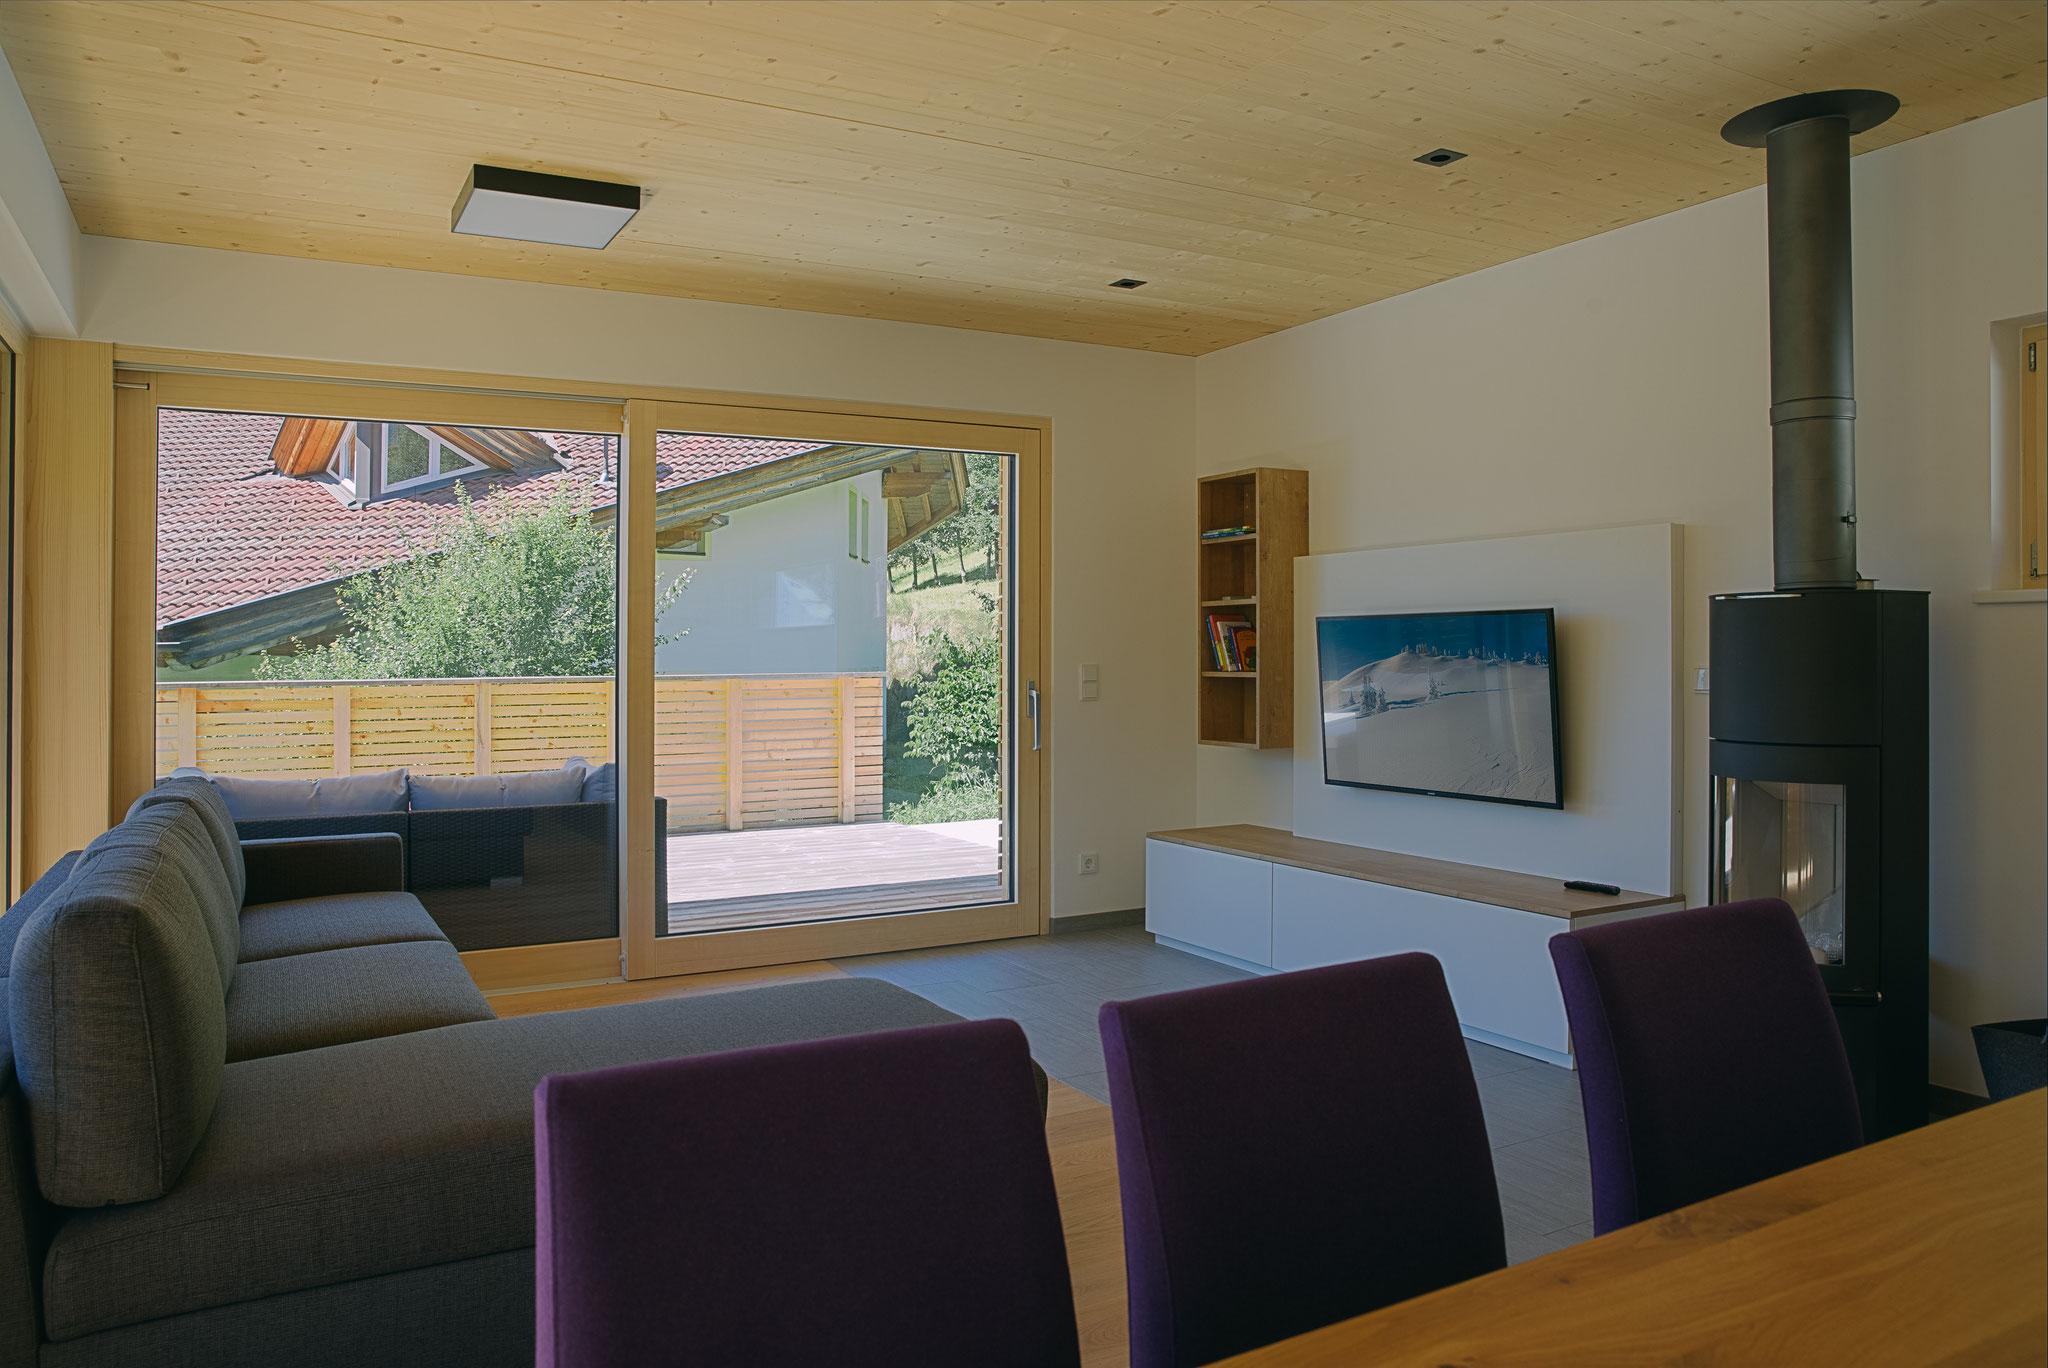 Barrierefreier Zugang zur Terrasse vom Wohn-/Essbereich